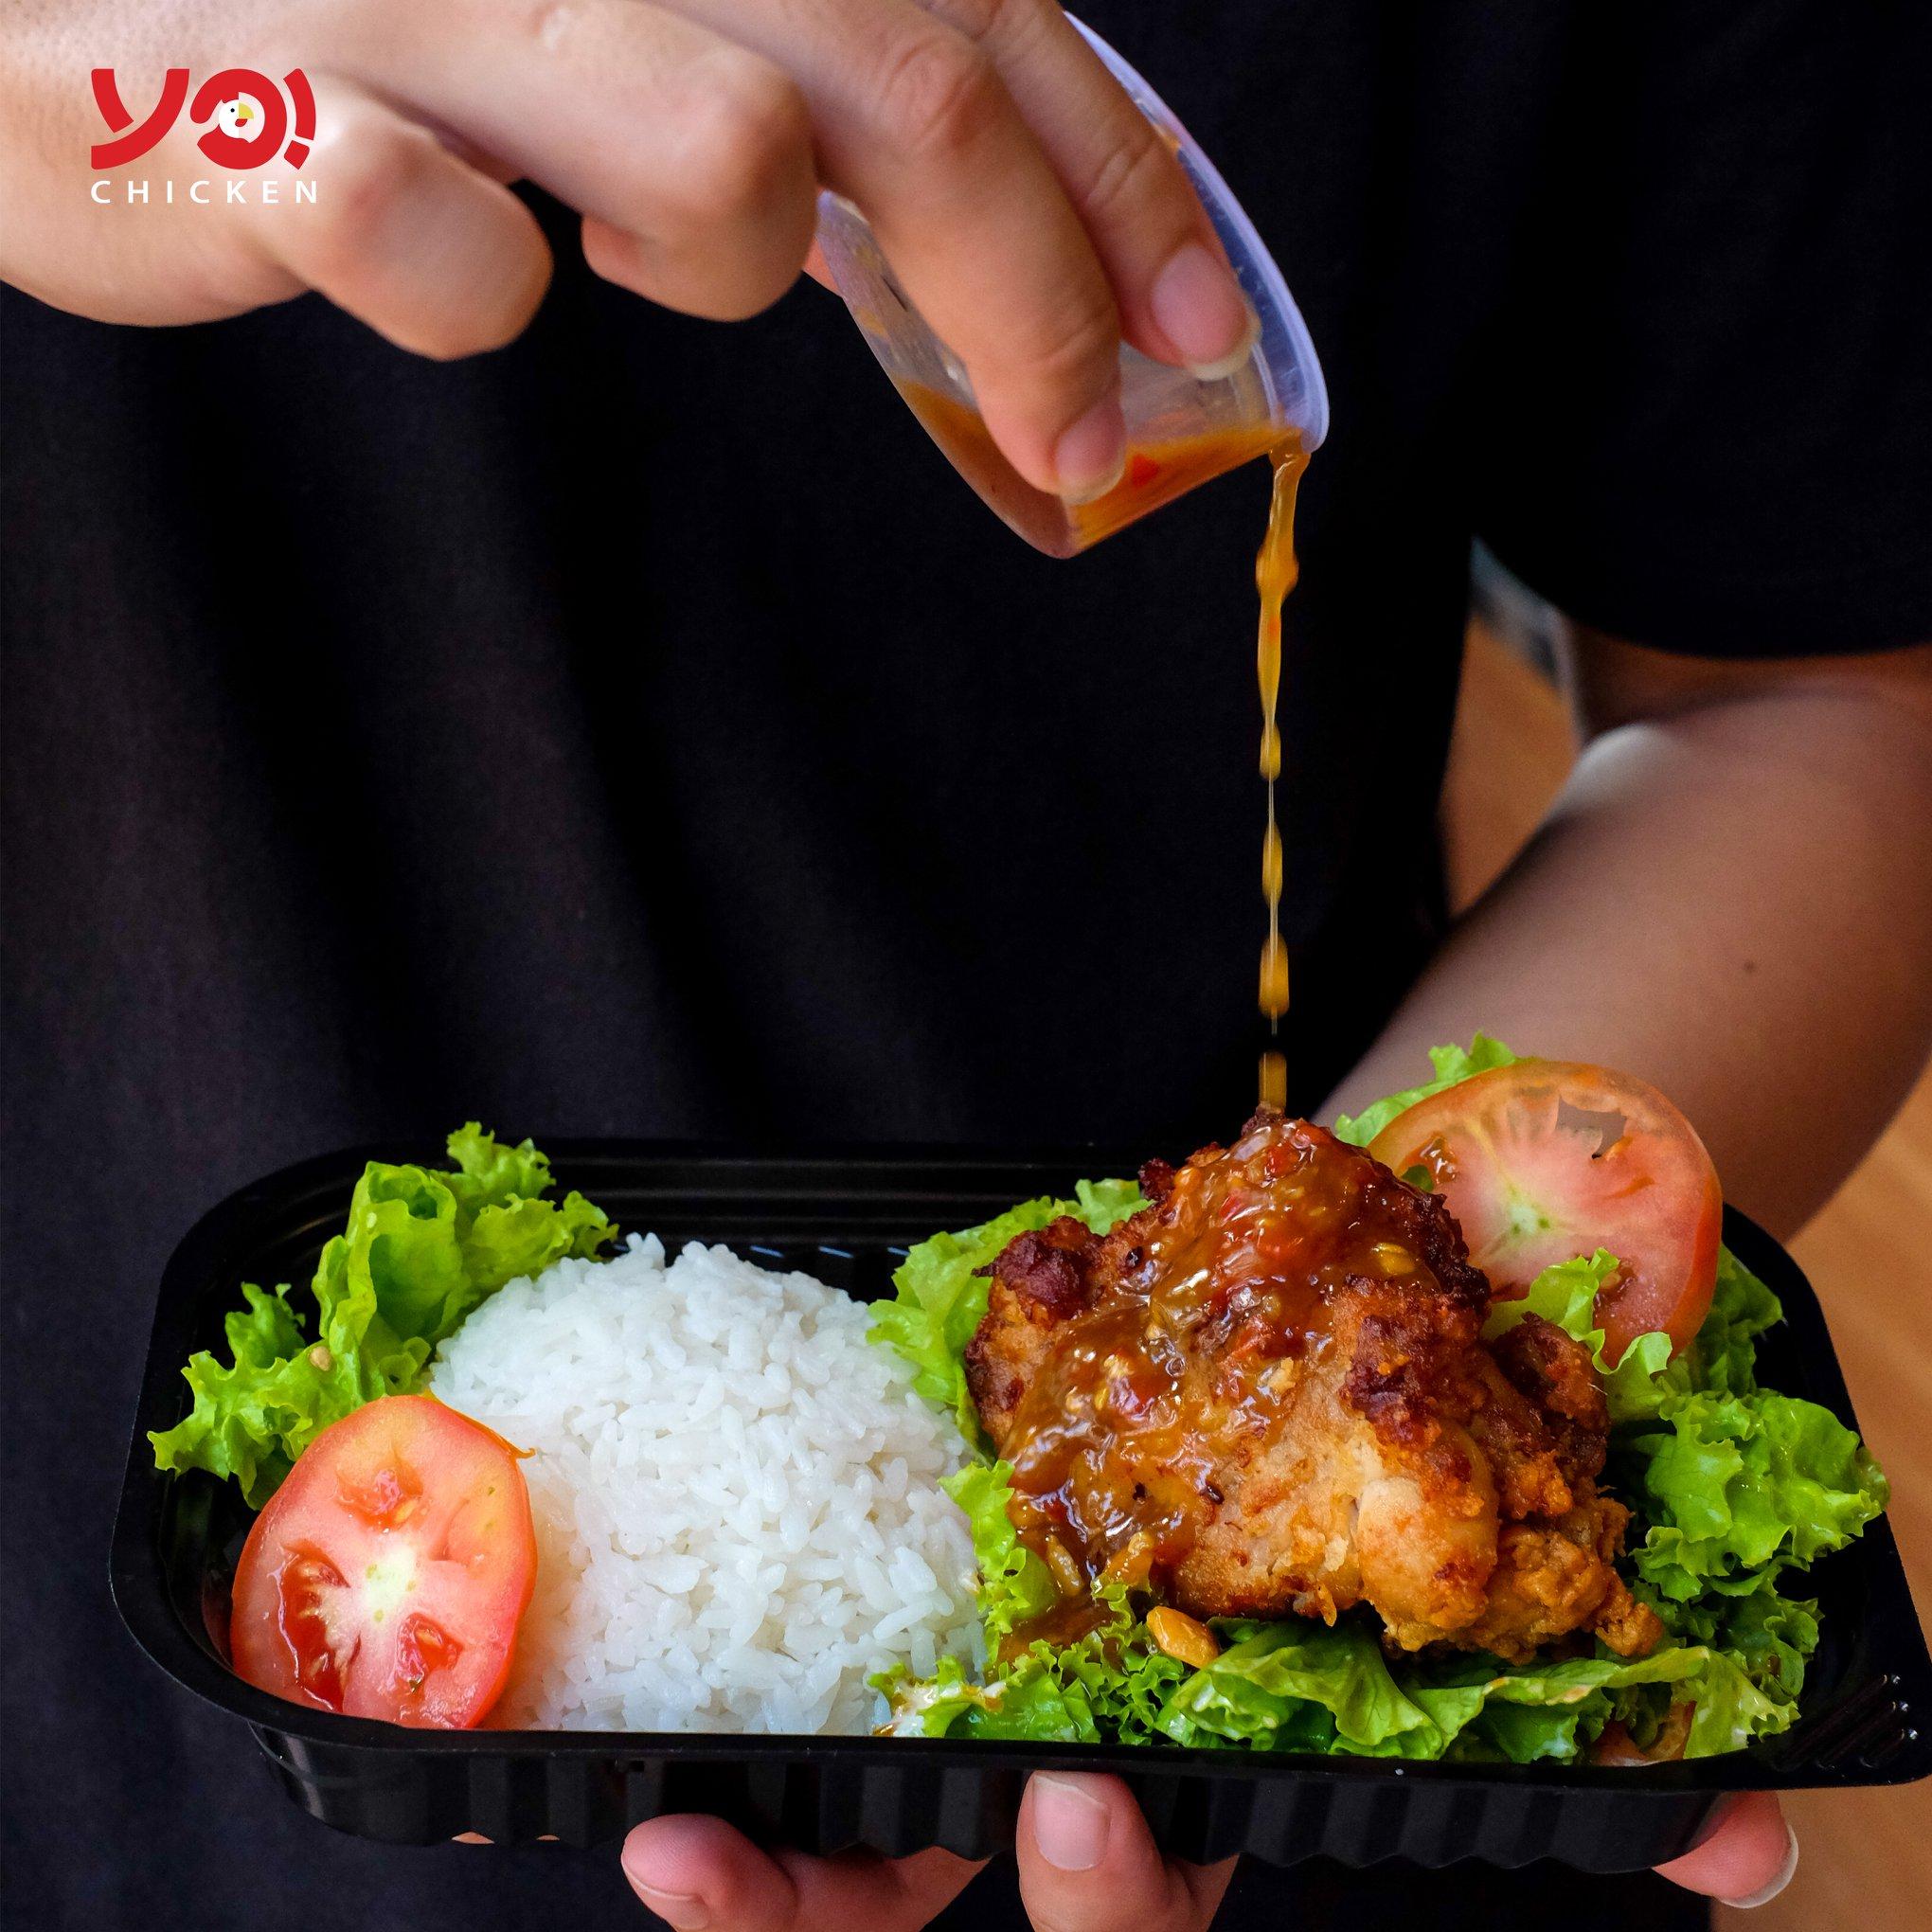 Menu Yo! Chicken